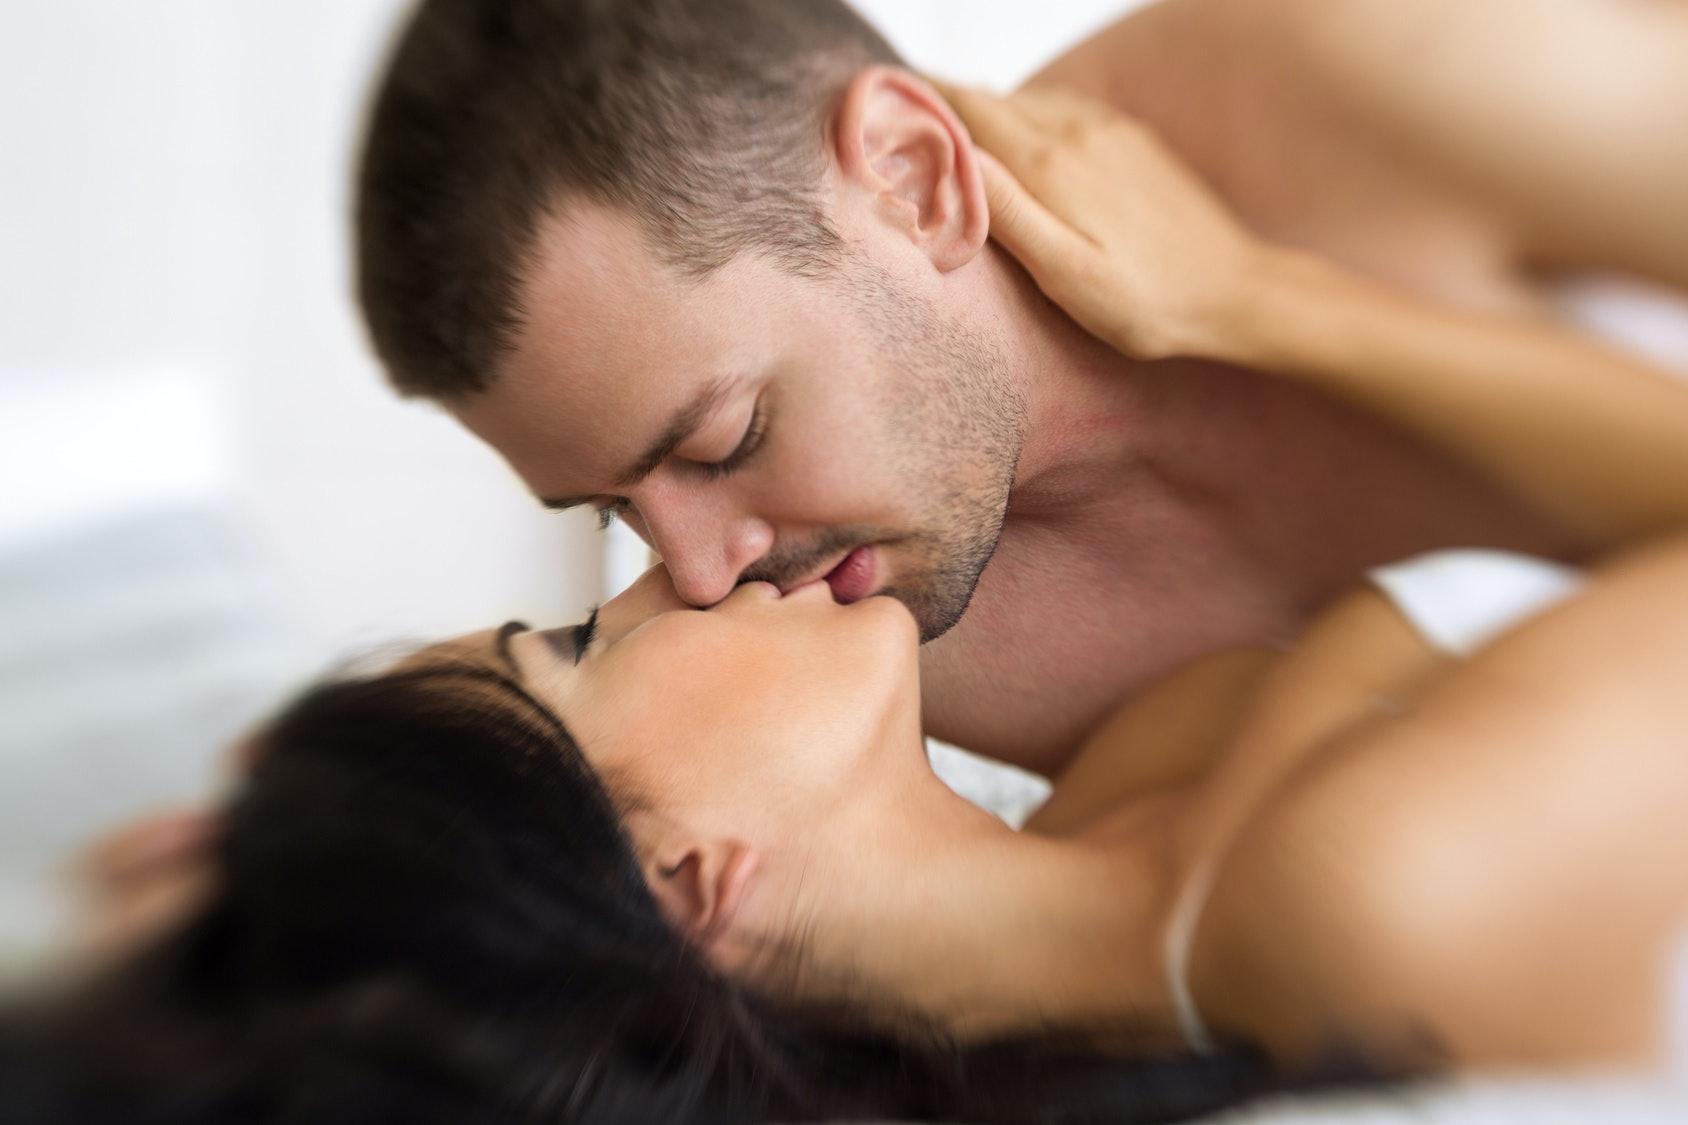 Cum face porn